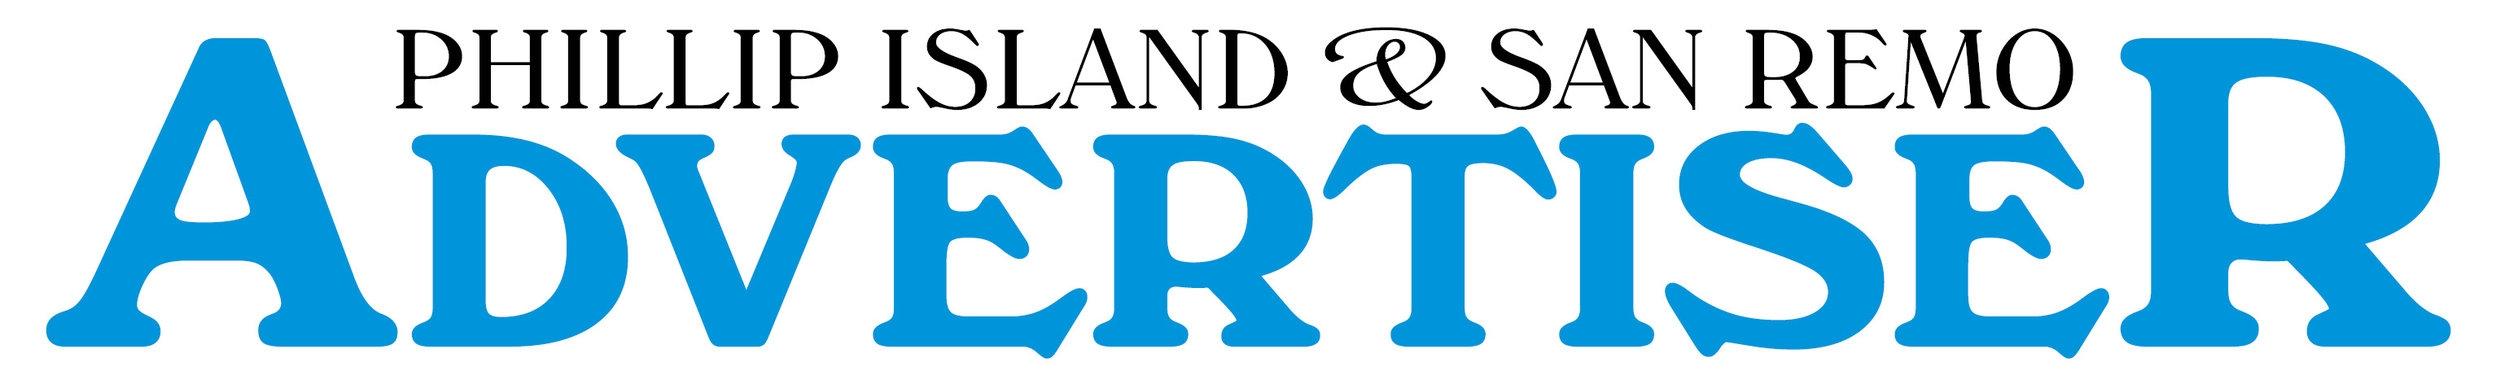 PISR Advertiser - www.pisra.com.au